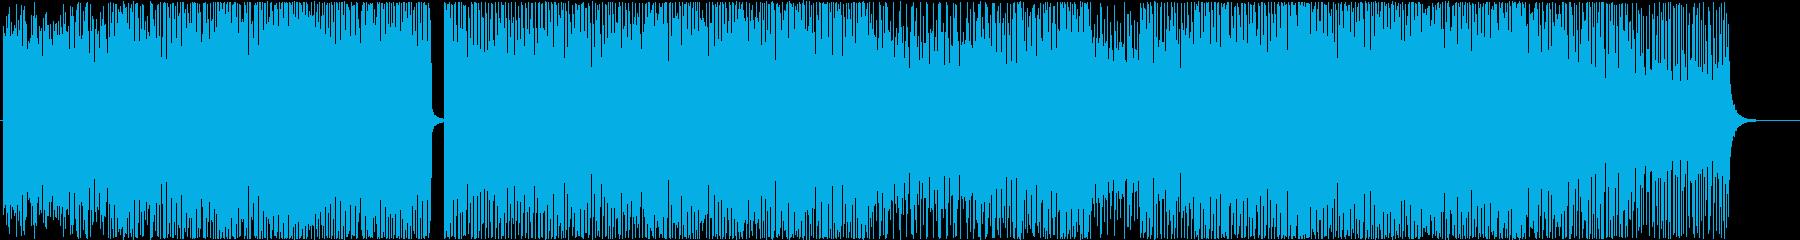 ダンスEDM-エモ-PV-アップテンポの再生済みの波形